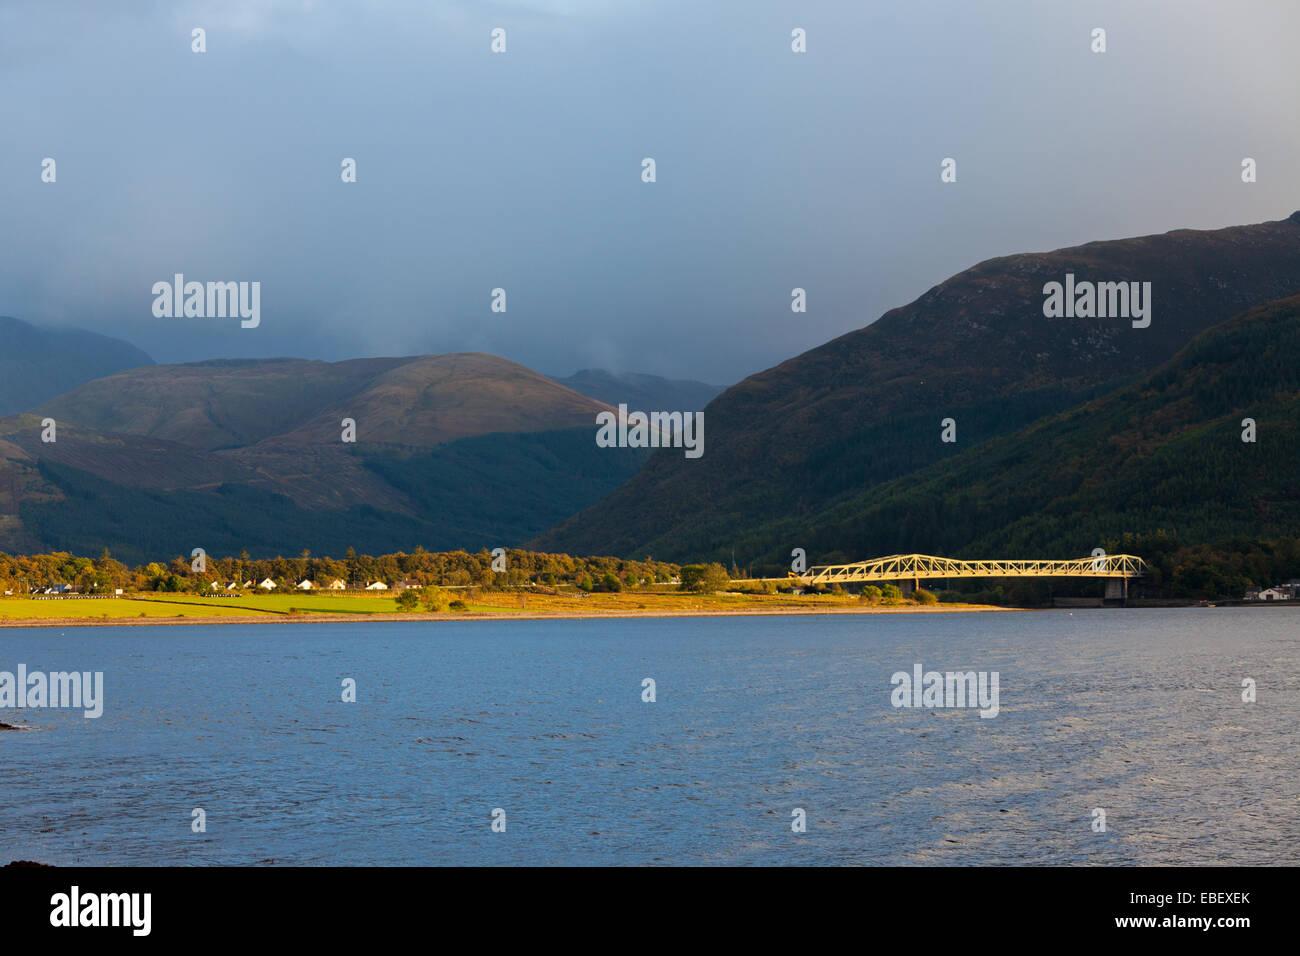 Ballachulish Bridge, West Highlands, Scotland. - Stock Image